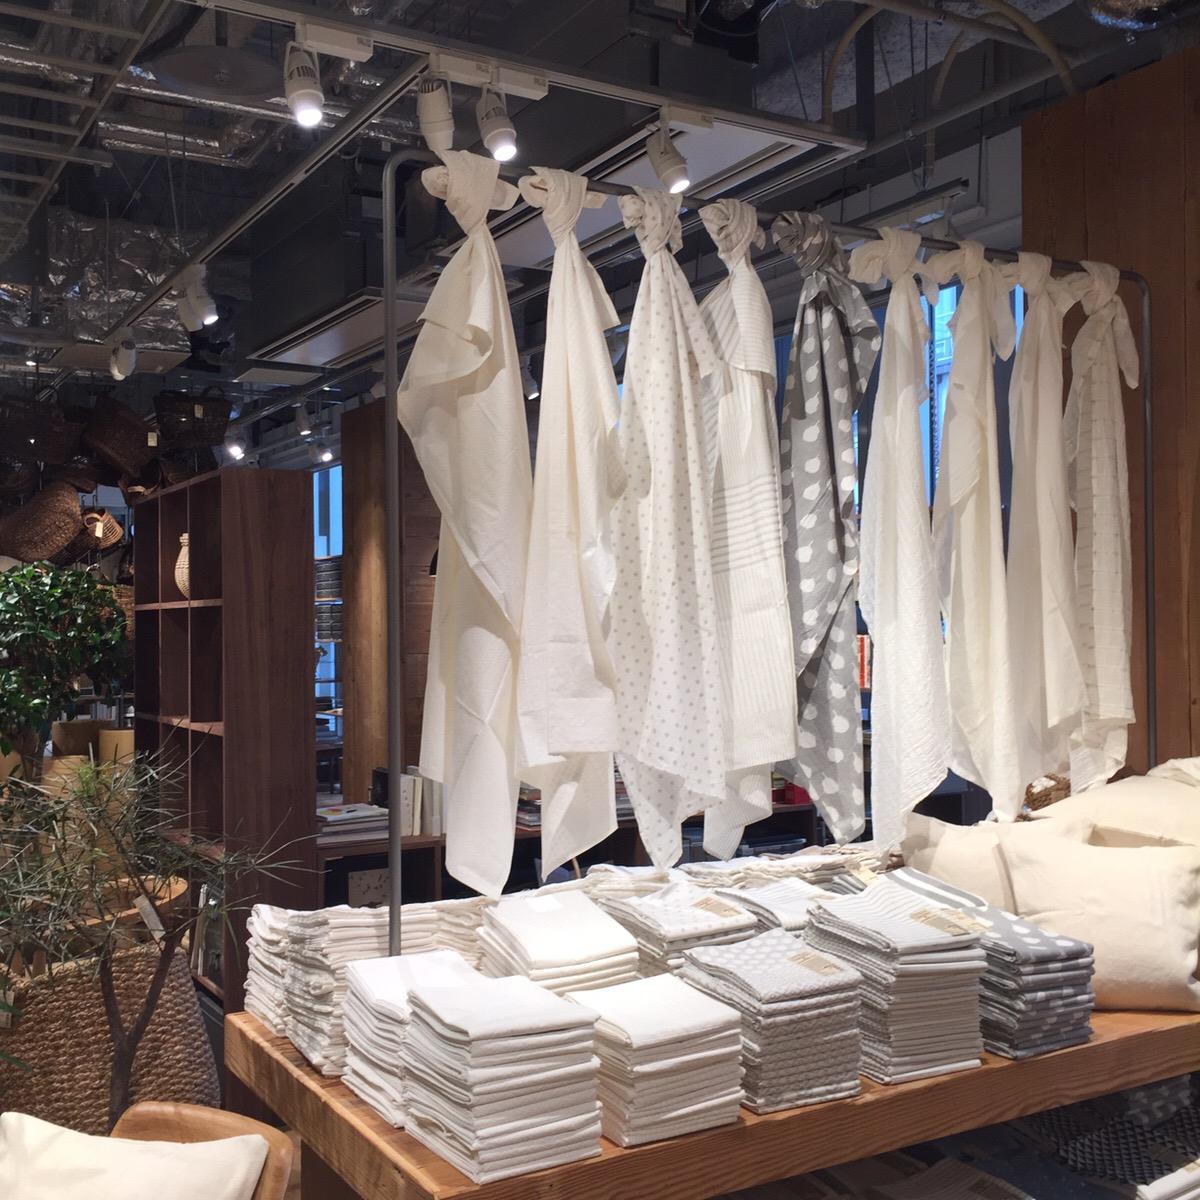 多用途使いできるインド綿の布も豊富に取り揃えられている。